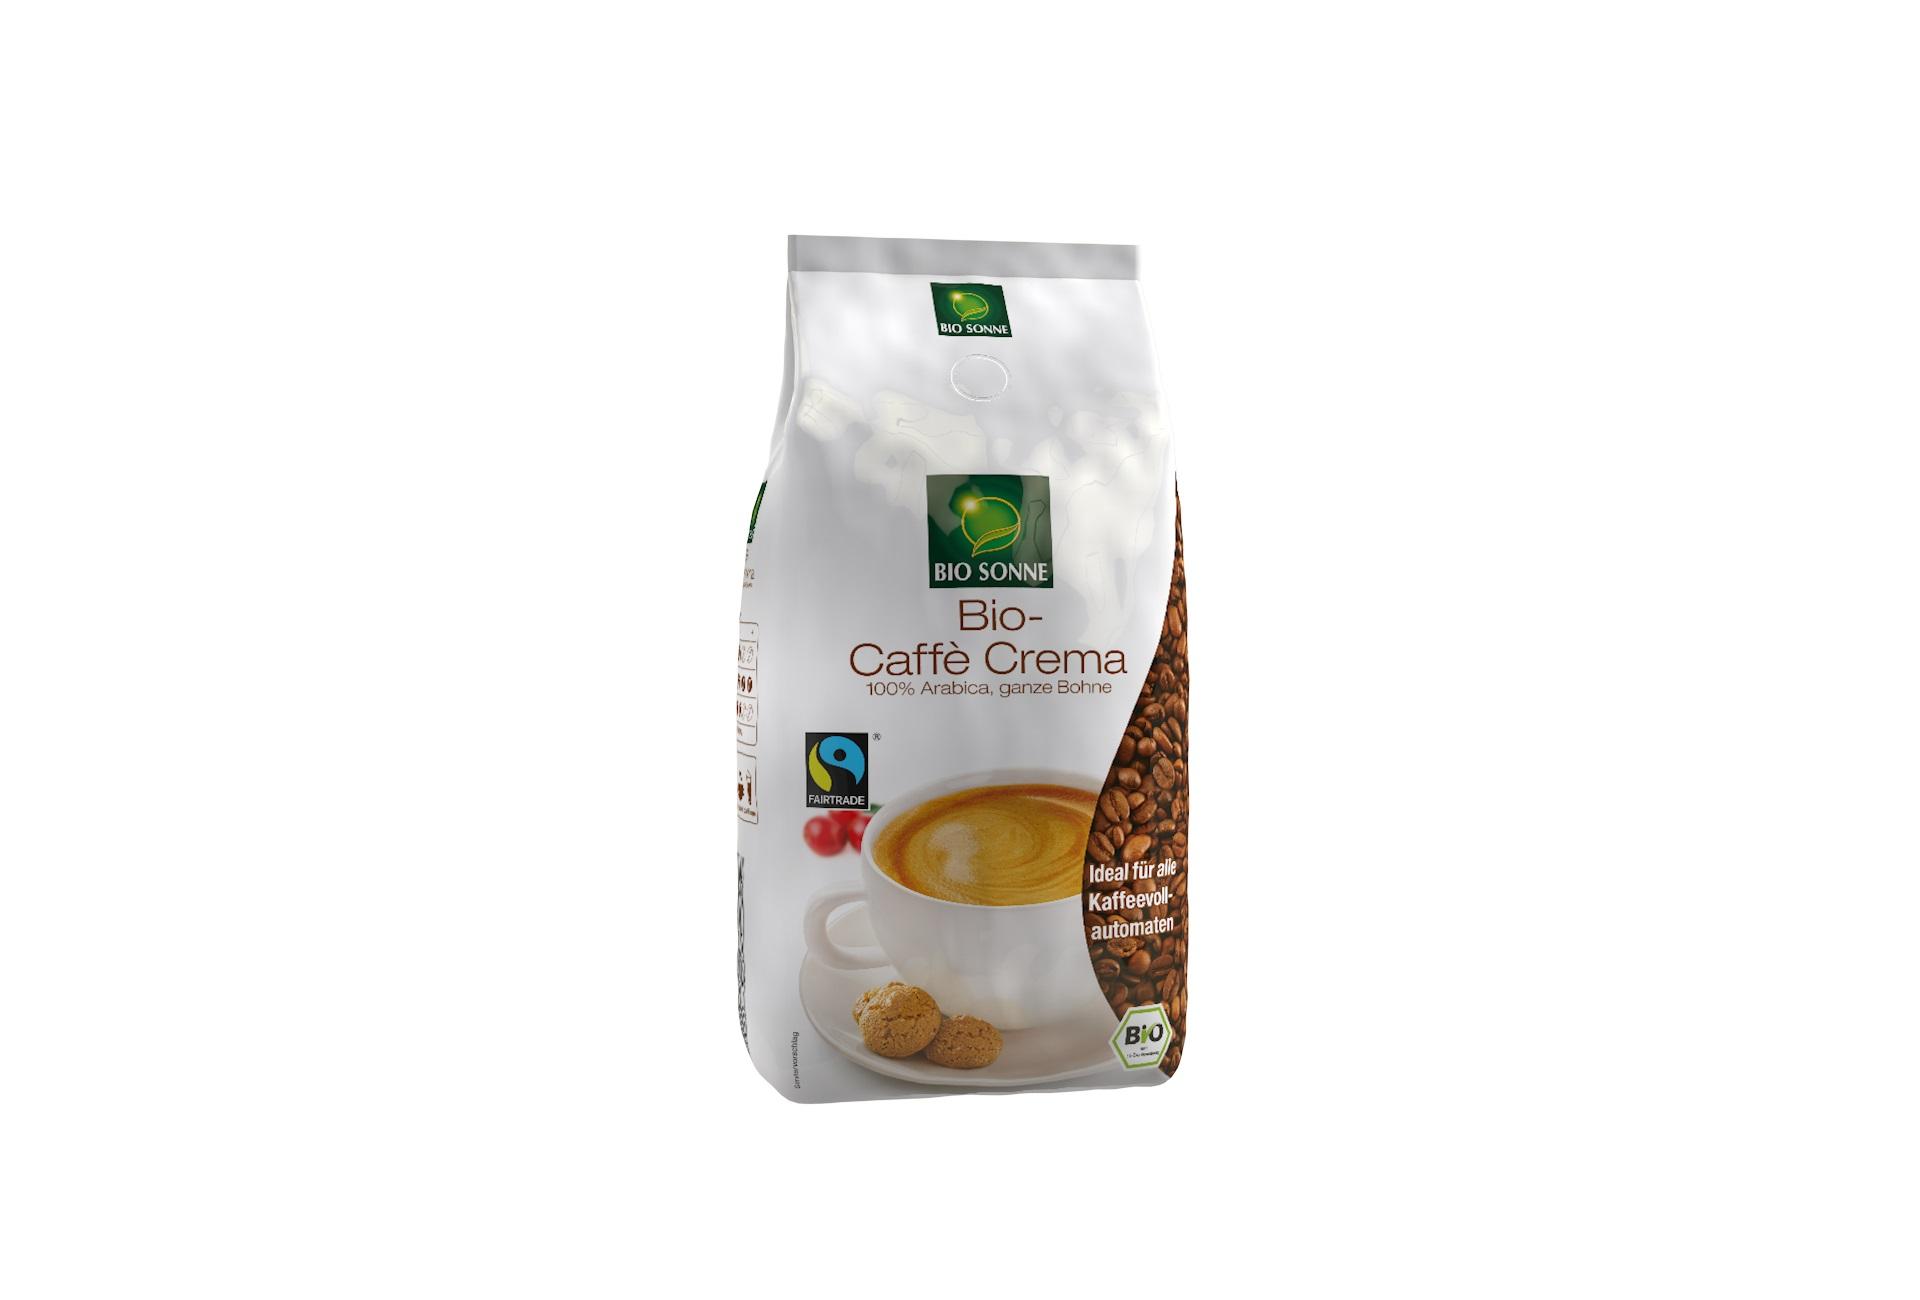 Bio- Caffè Crema